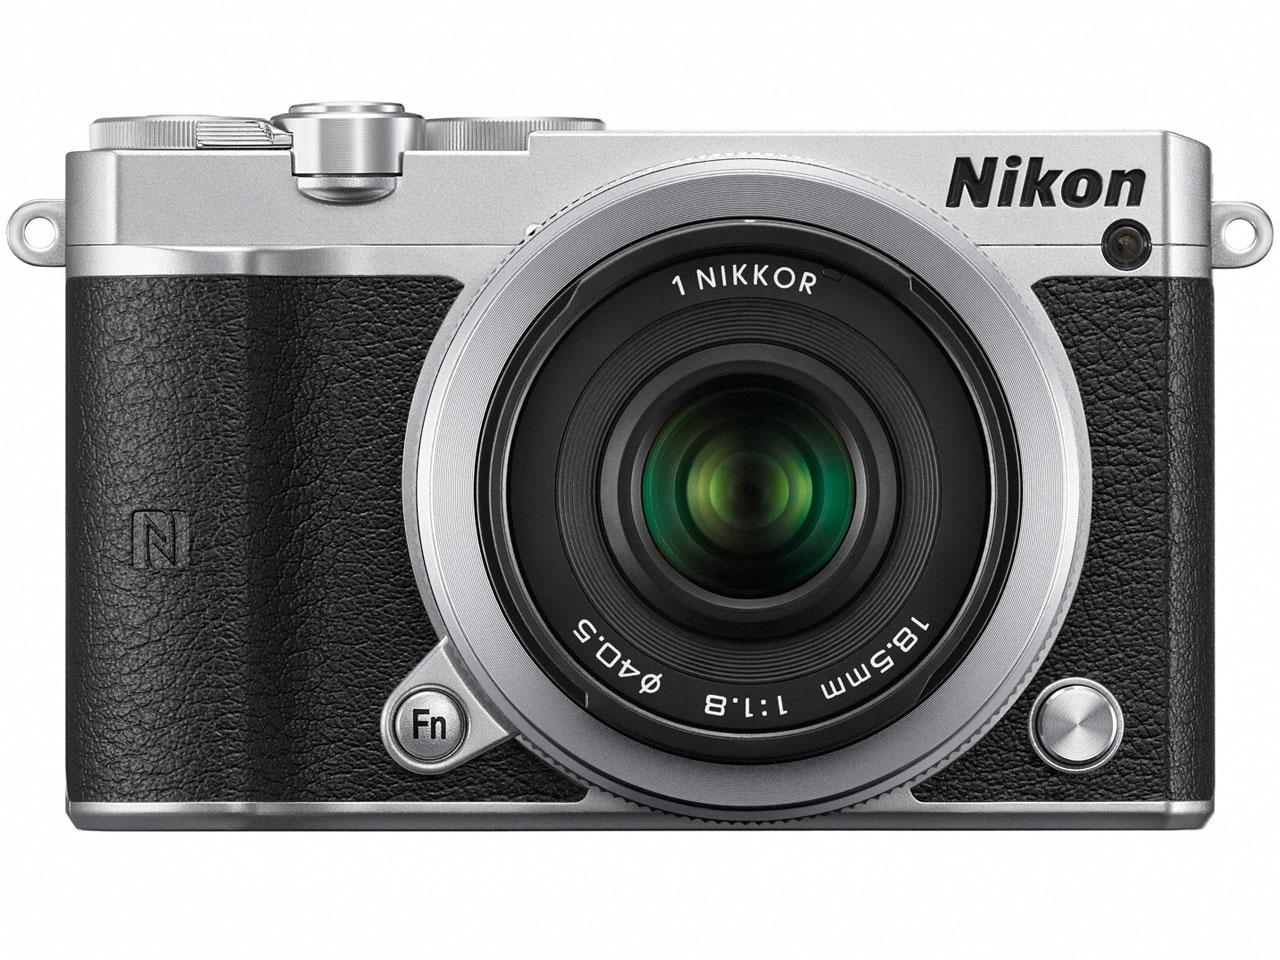 ミラーレスデジタル一眼レフカメラが欲しくなった3つの理由。